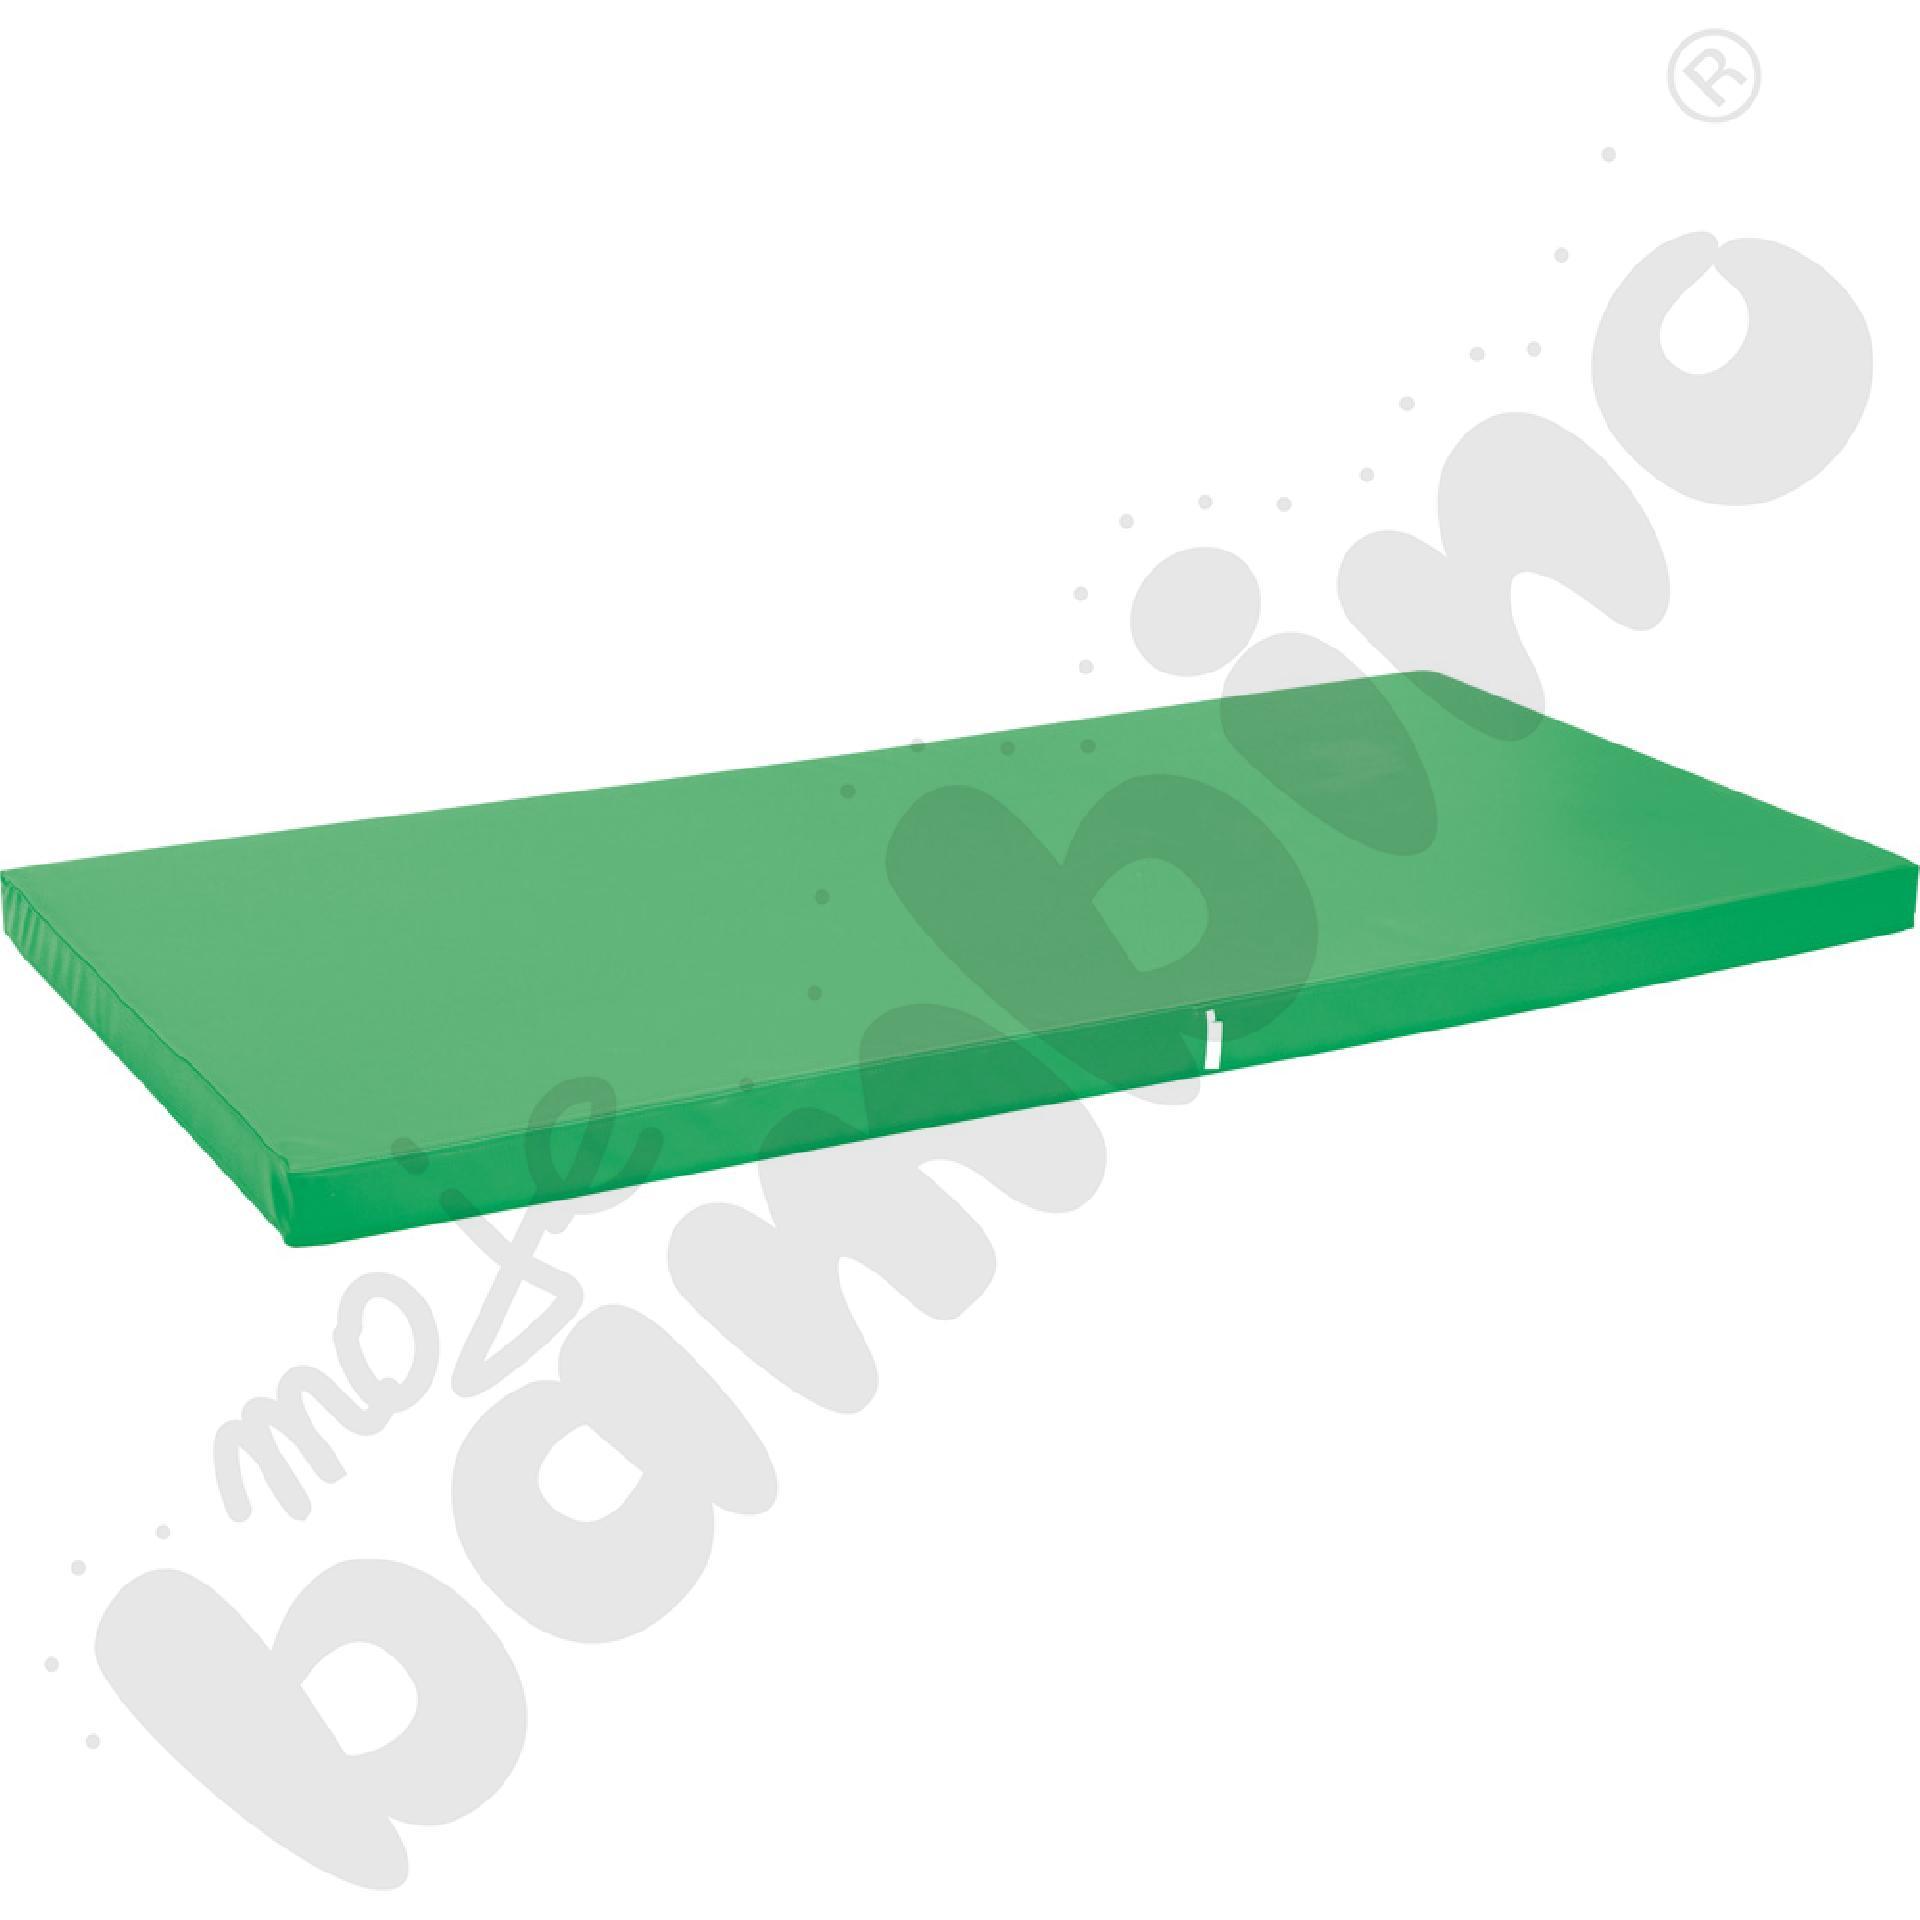 Materac antypoślizgowy wym. 183 x 90 x 8 cm zielony